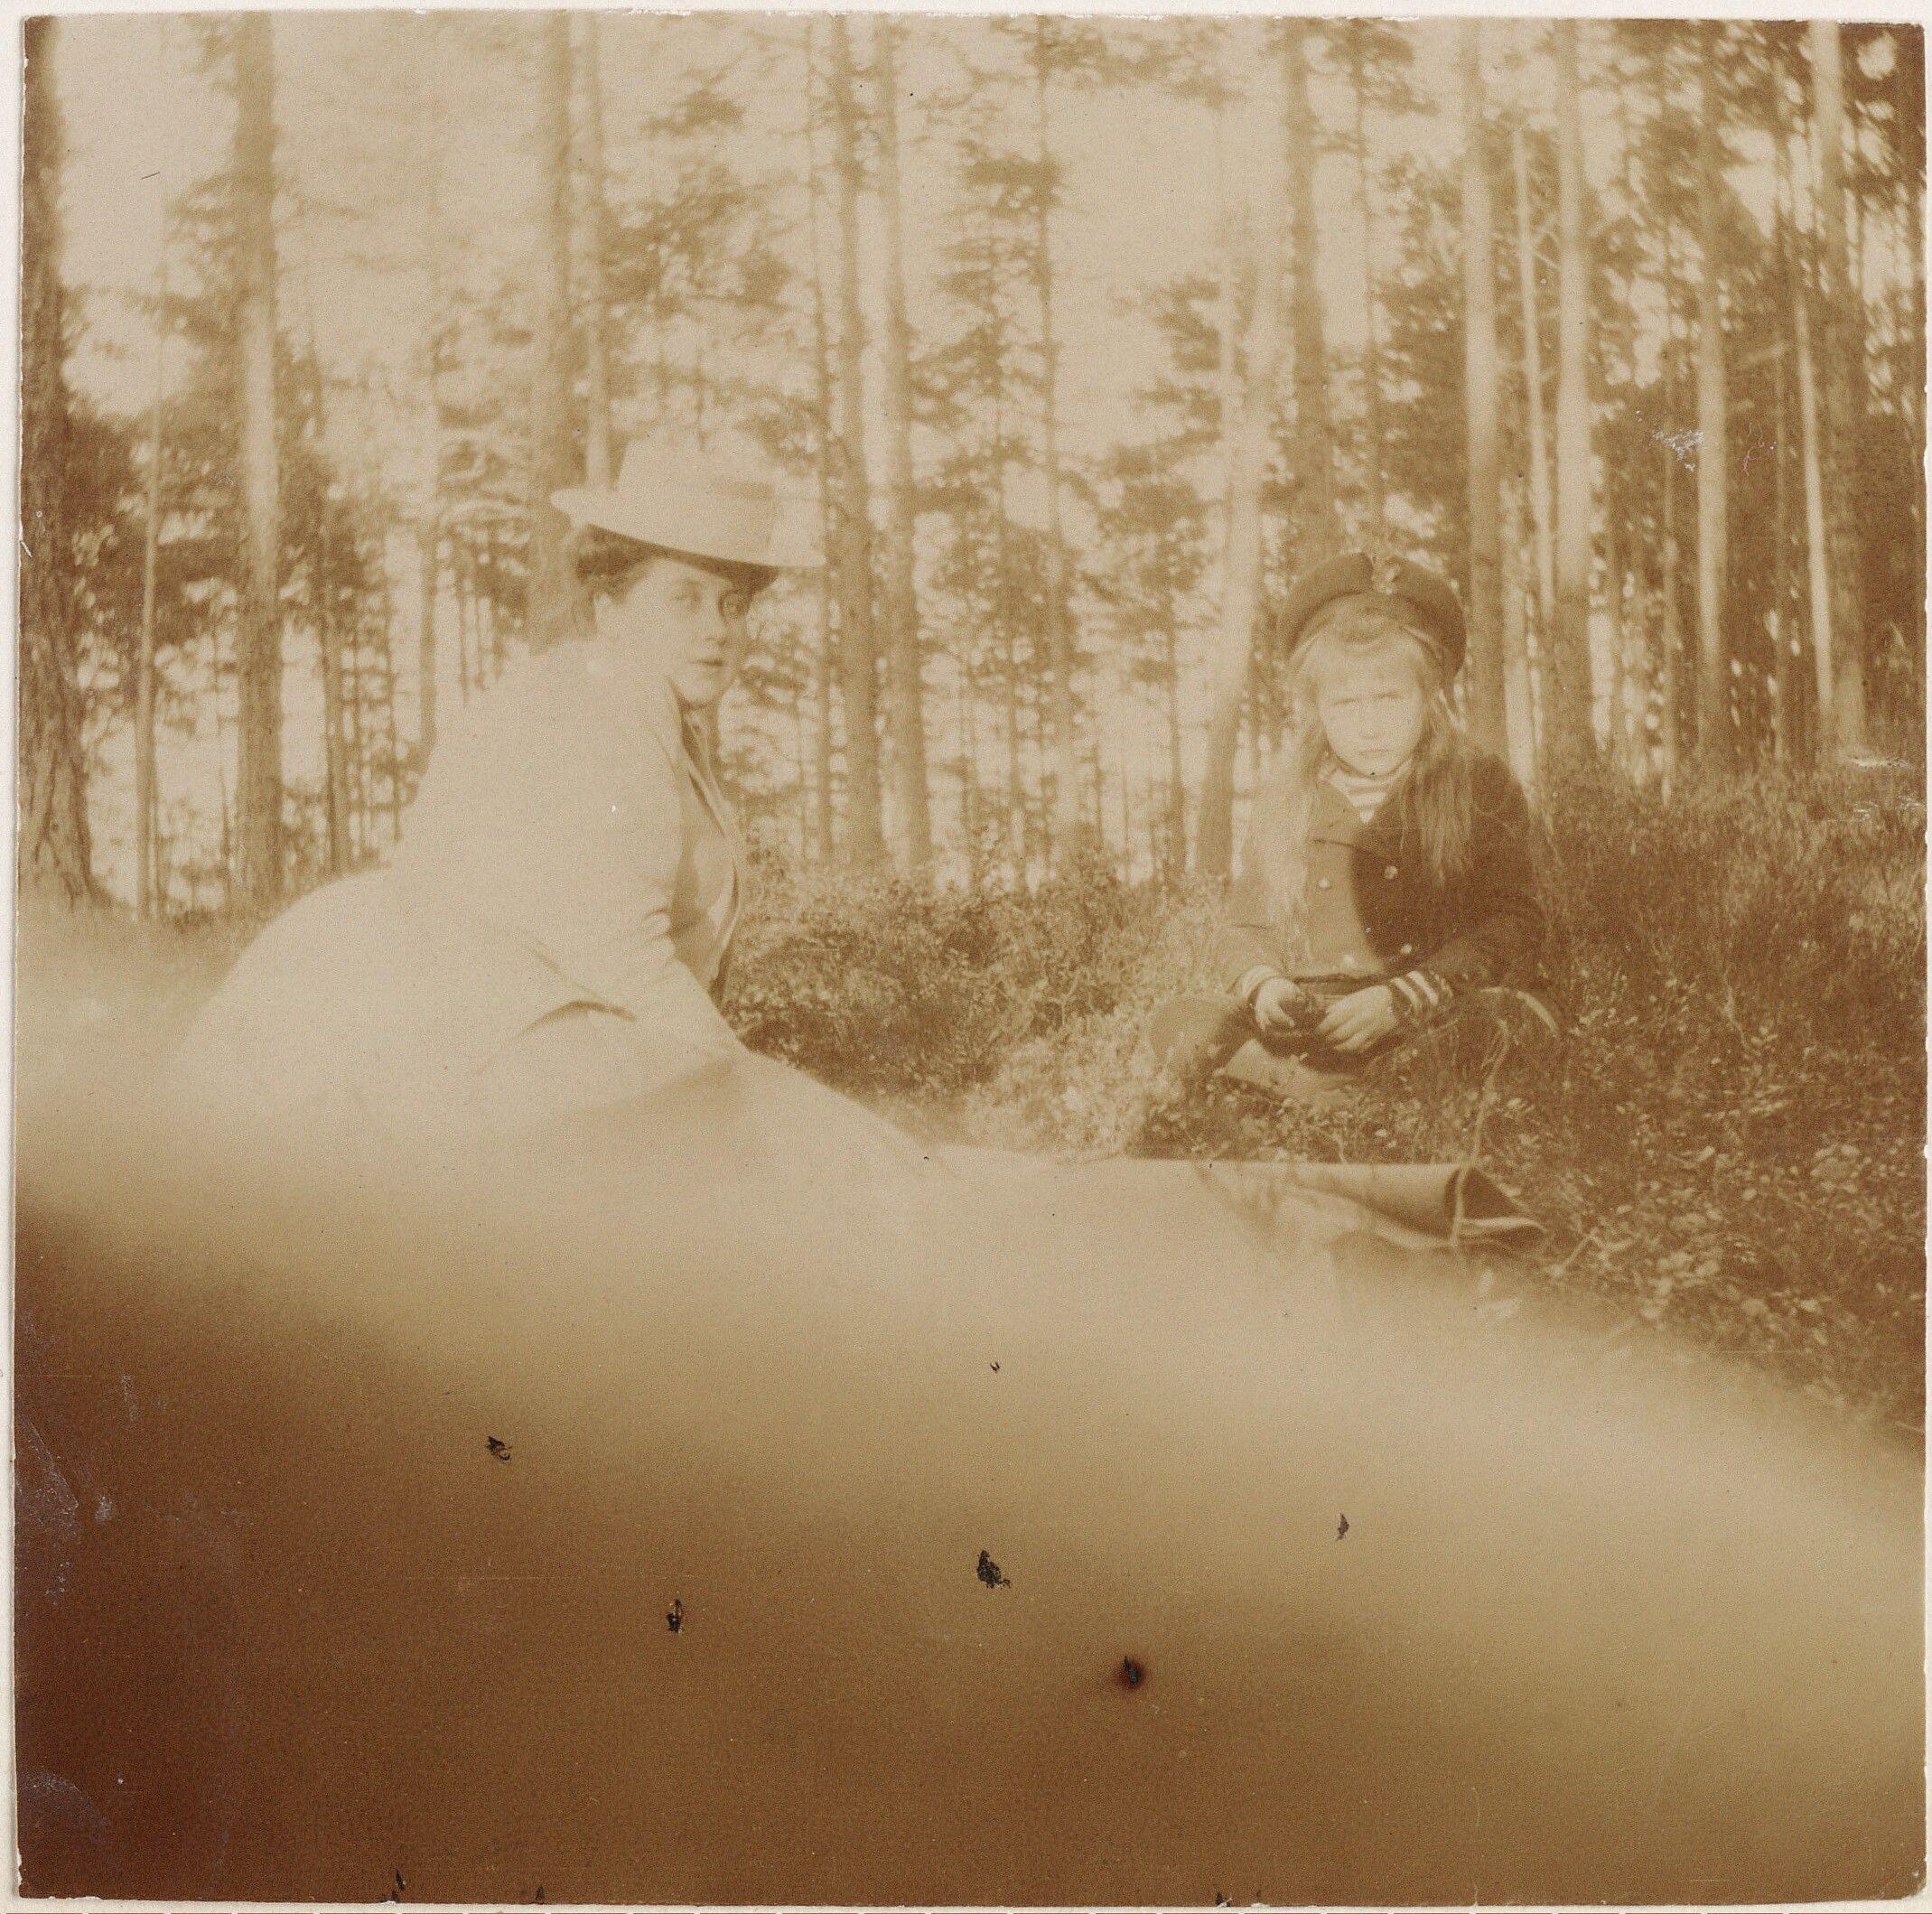 Grã-duquesa Anastasia Nikolaevna e Anna Vyrubova, em 1908. A pequena encarou a câmera tão bonitinho!! :P :P  Grand Duchess Anastasia Nikolaevna and Anna Vyrubova in 1908. The little stared at camera so cute !! : P: P